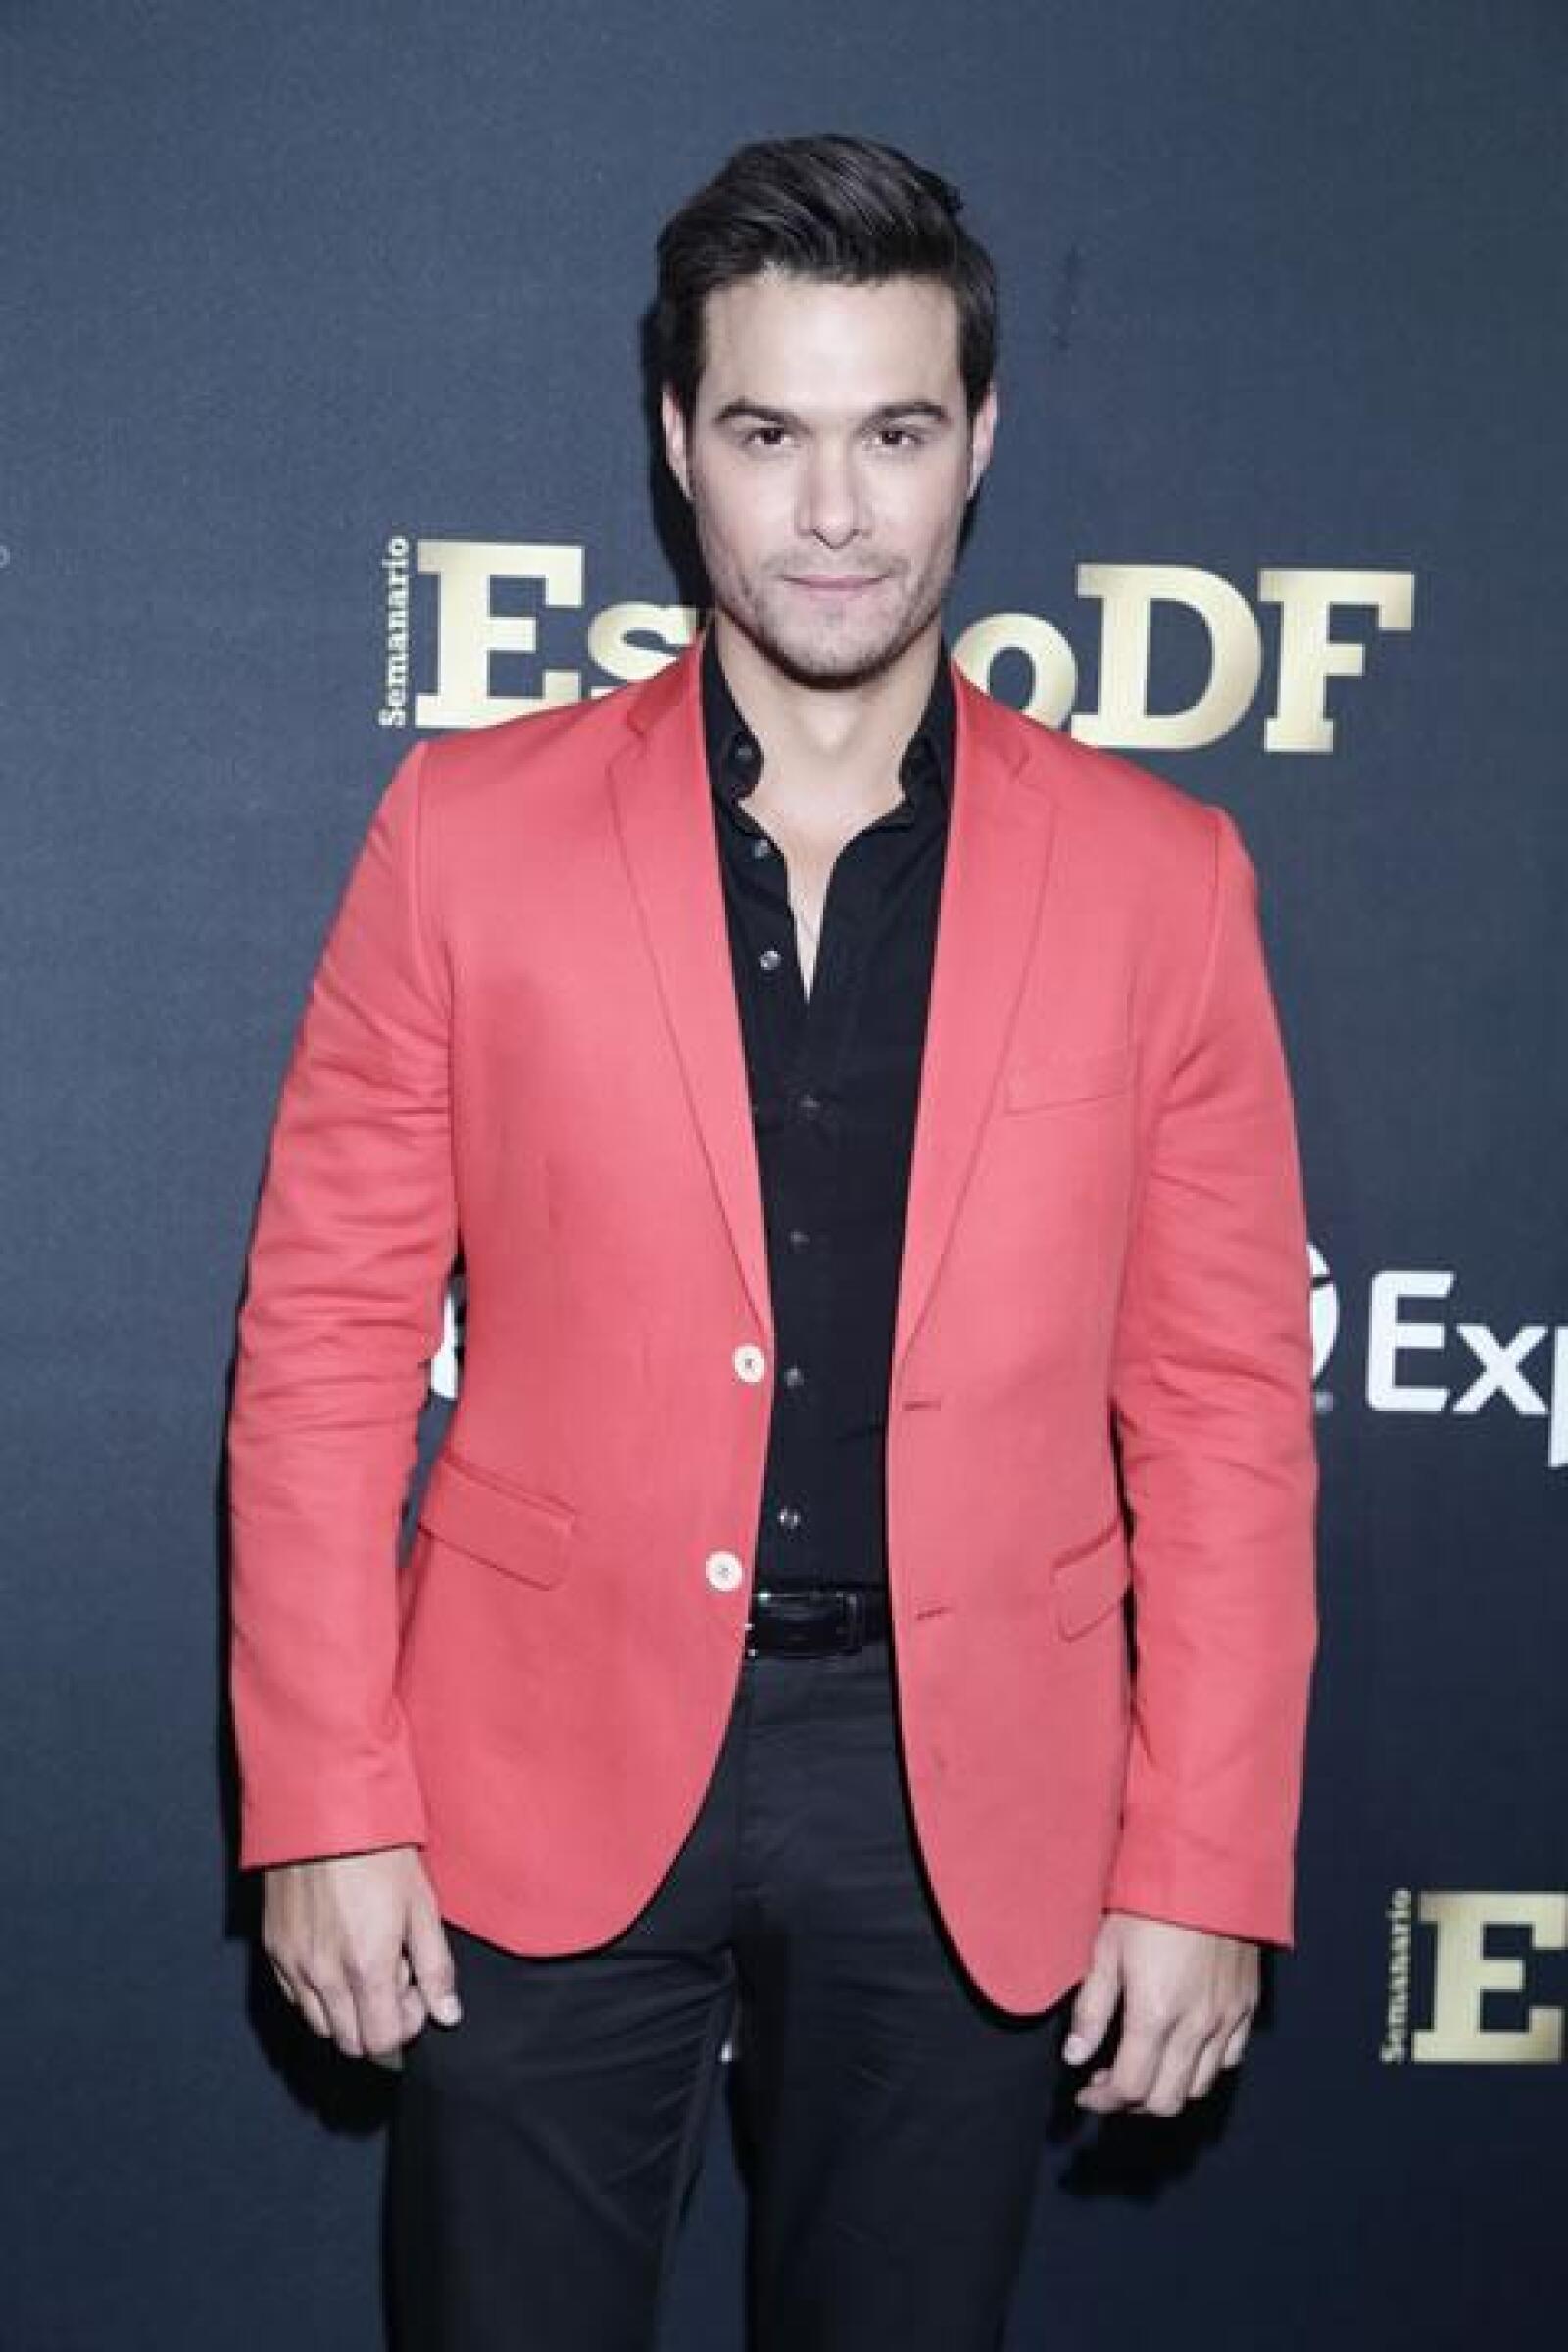 Brandon Peniche